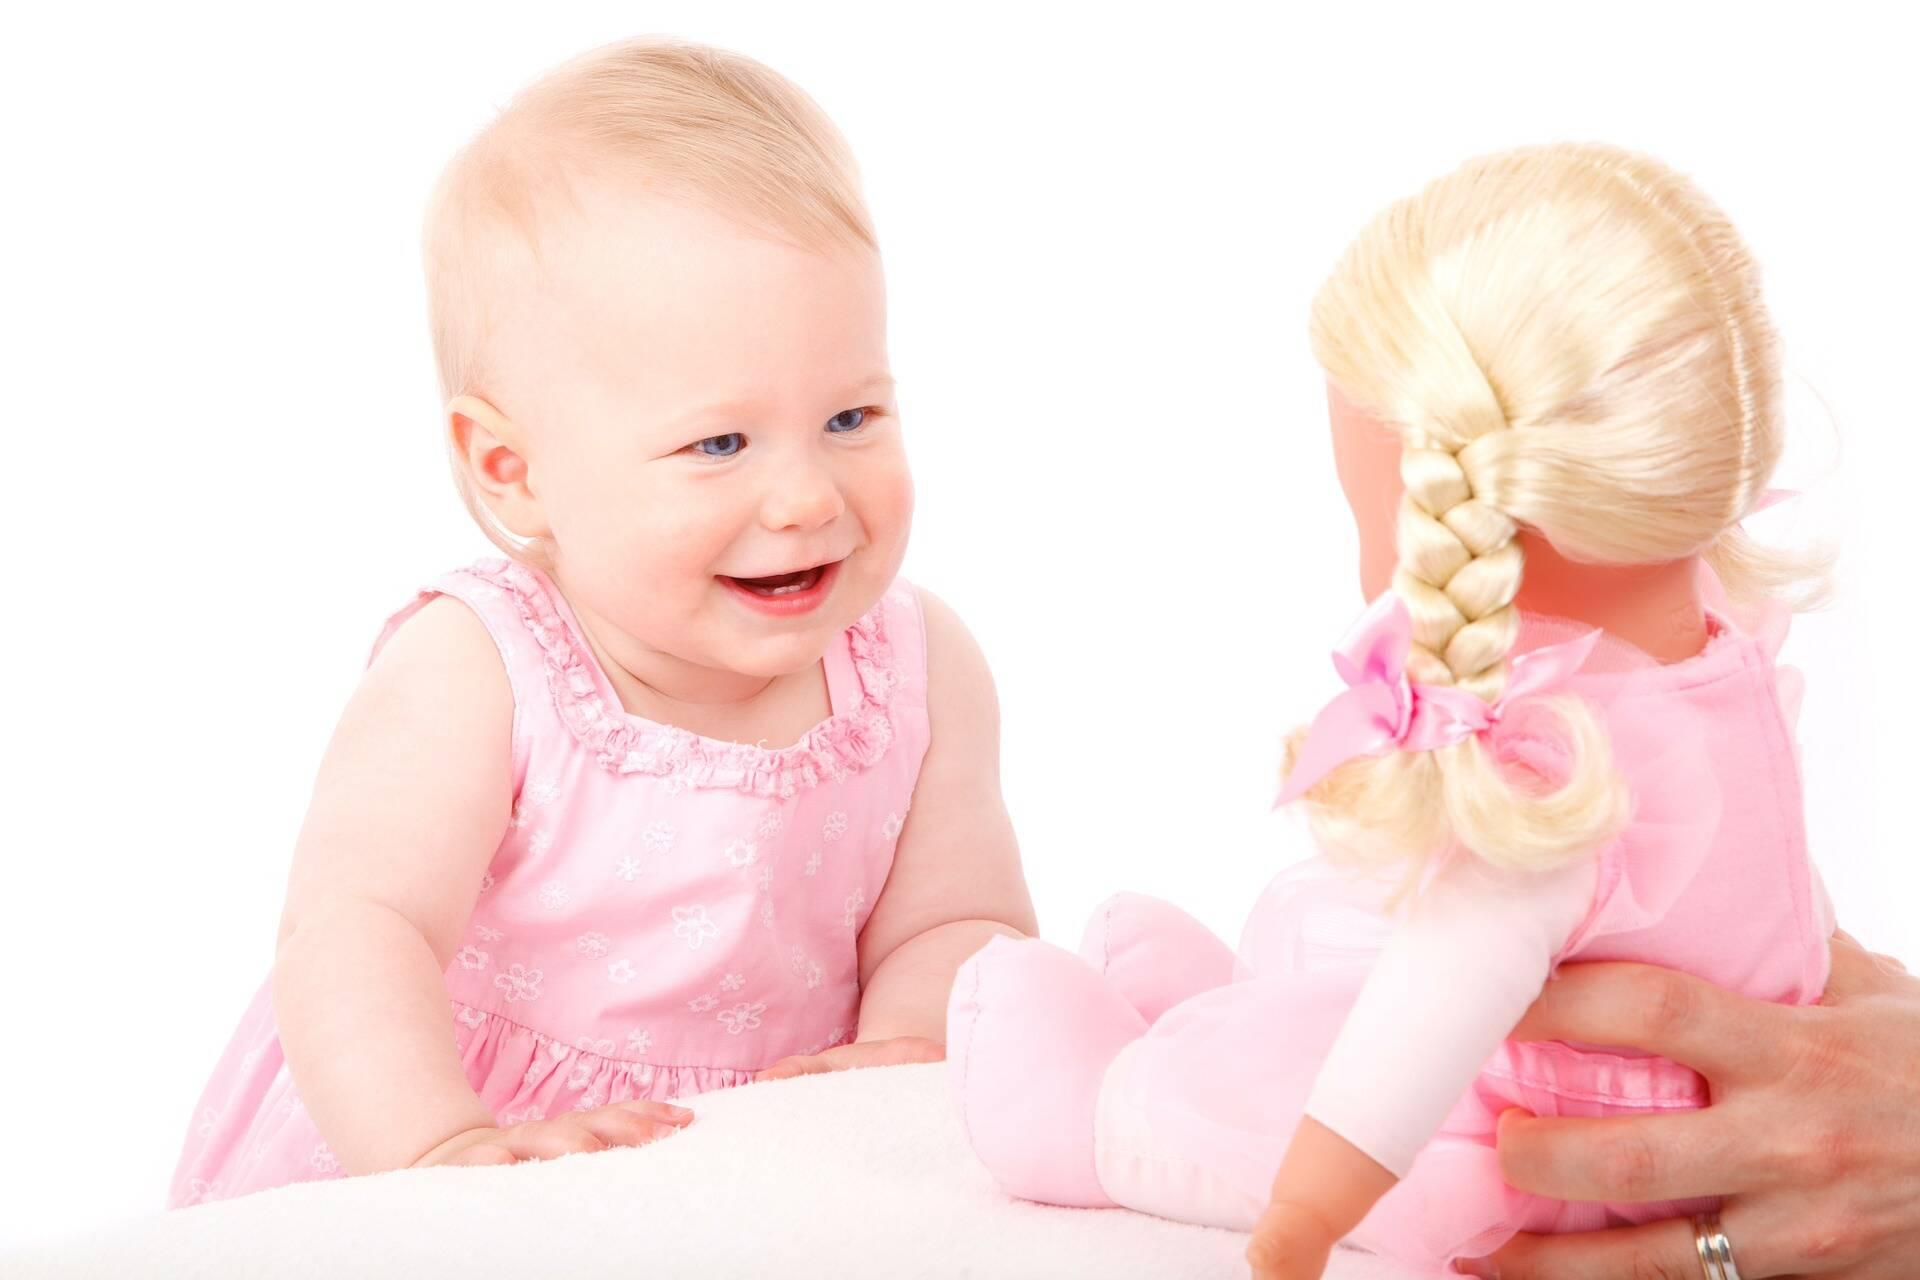 Pesquisa mostra que brinquedos de plástico fazem mal às crianças e ao planeta